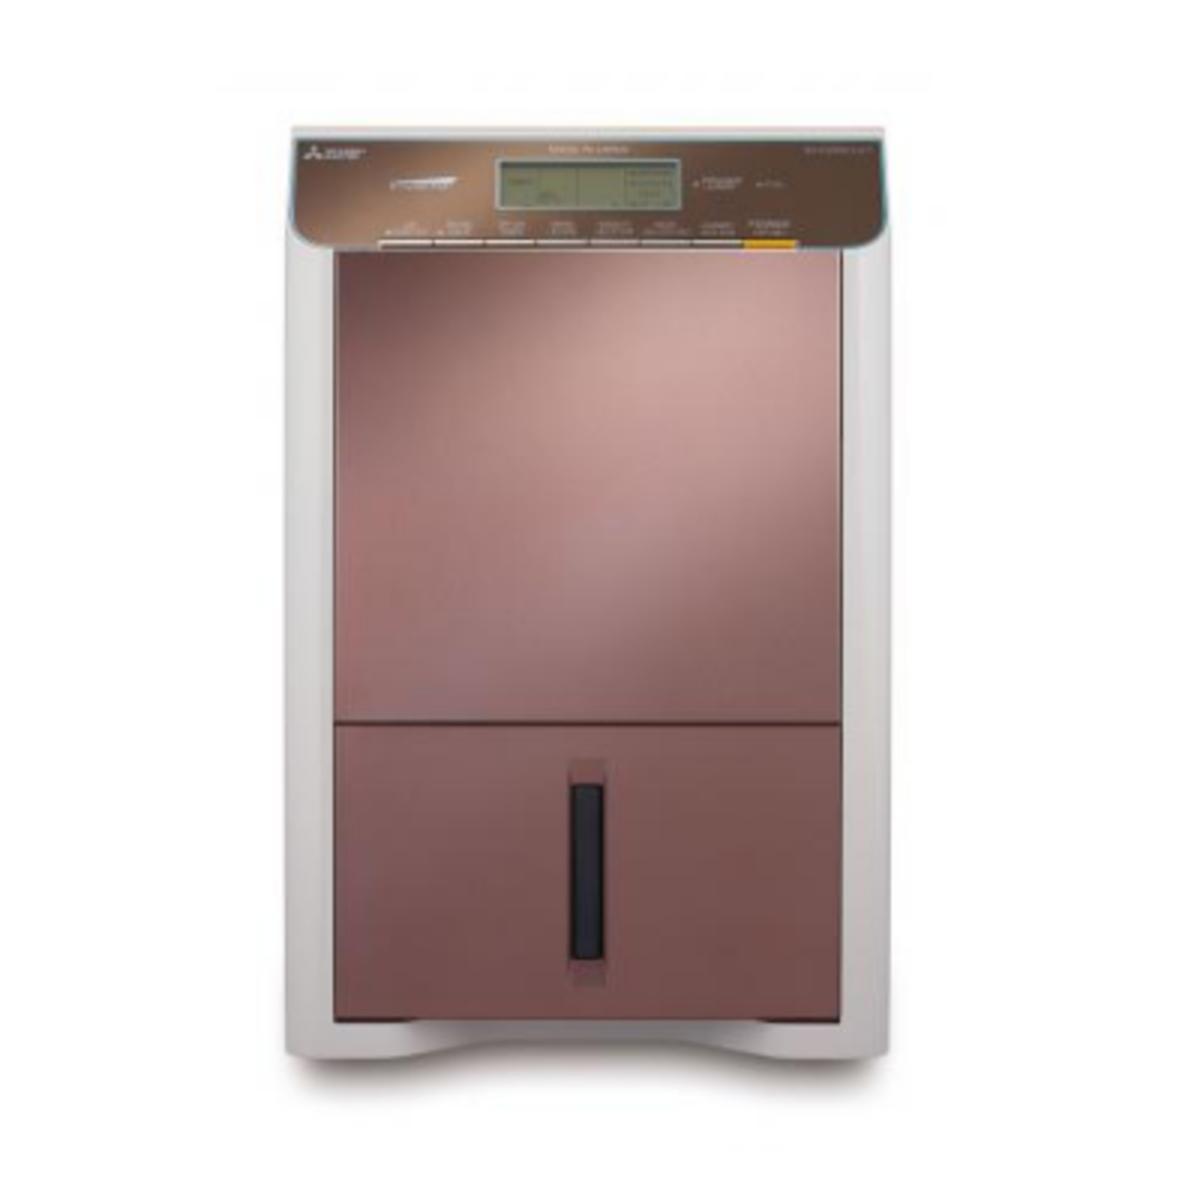 日本造 33公升 獨立空氣淨化功能 變頻式 抽濕機(瑰麗啡)